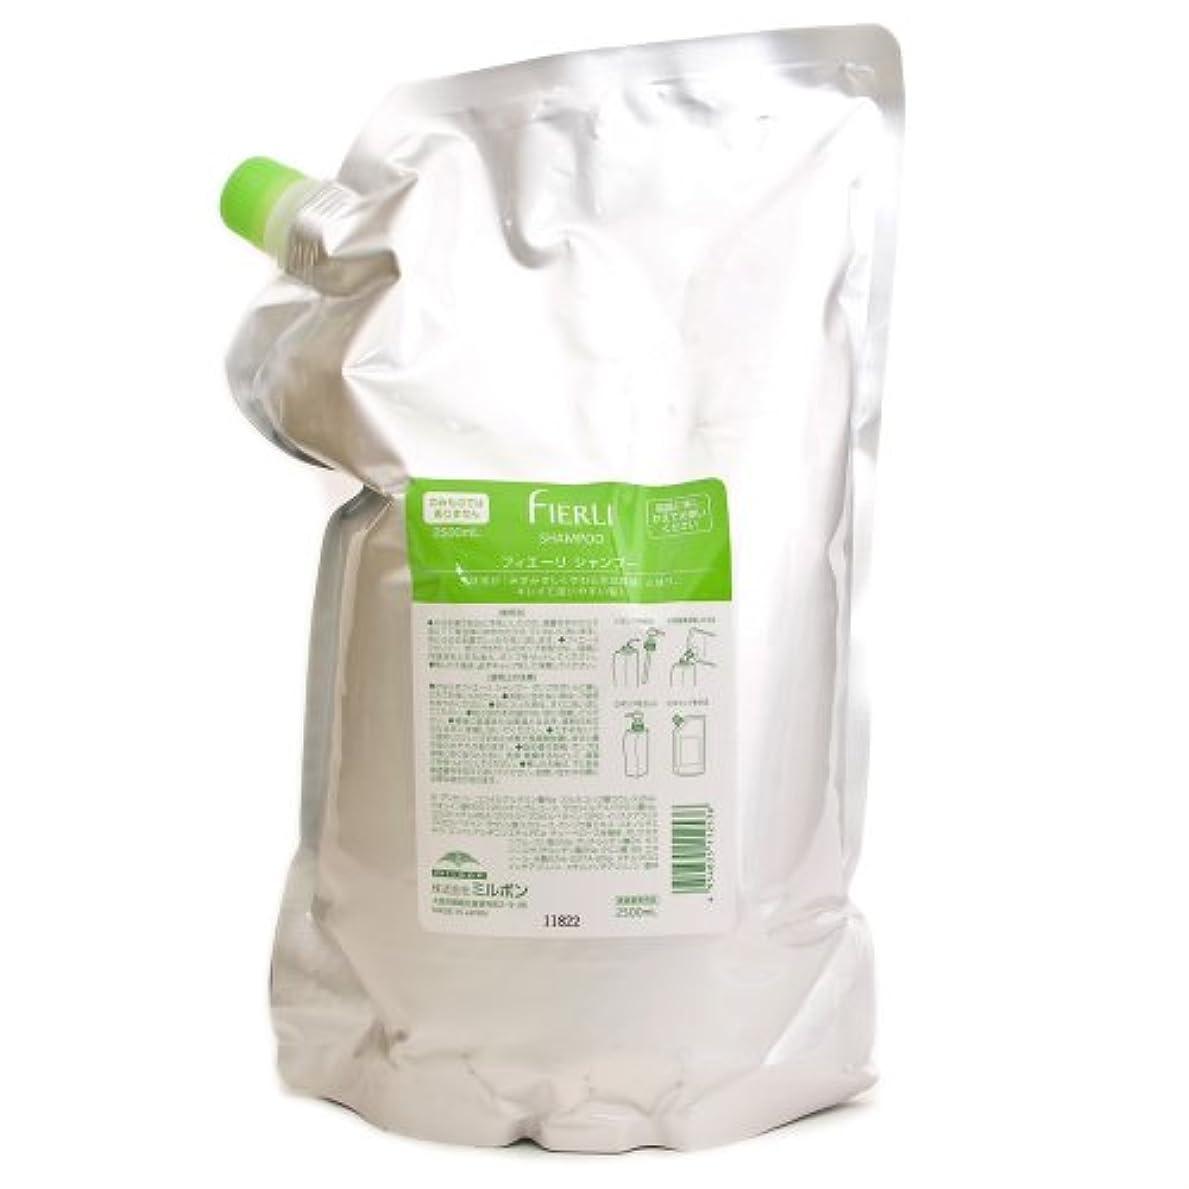 効率クローゼット小麦粉フィエーリ シャンプー 2.5Lパック(詰替用)